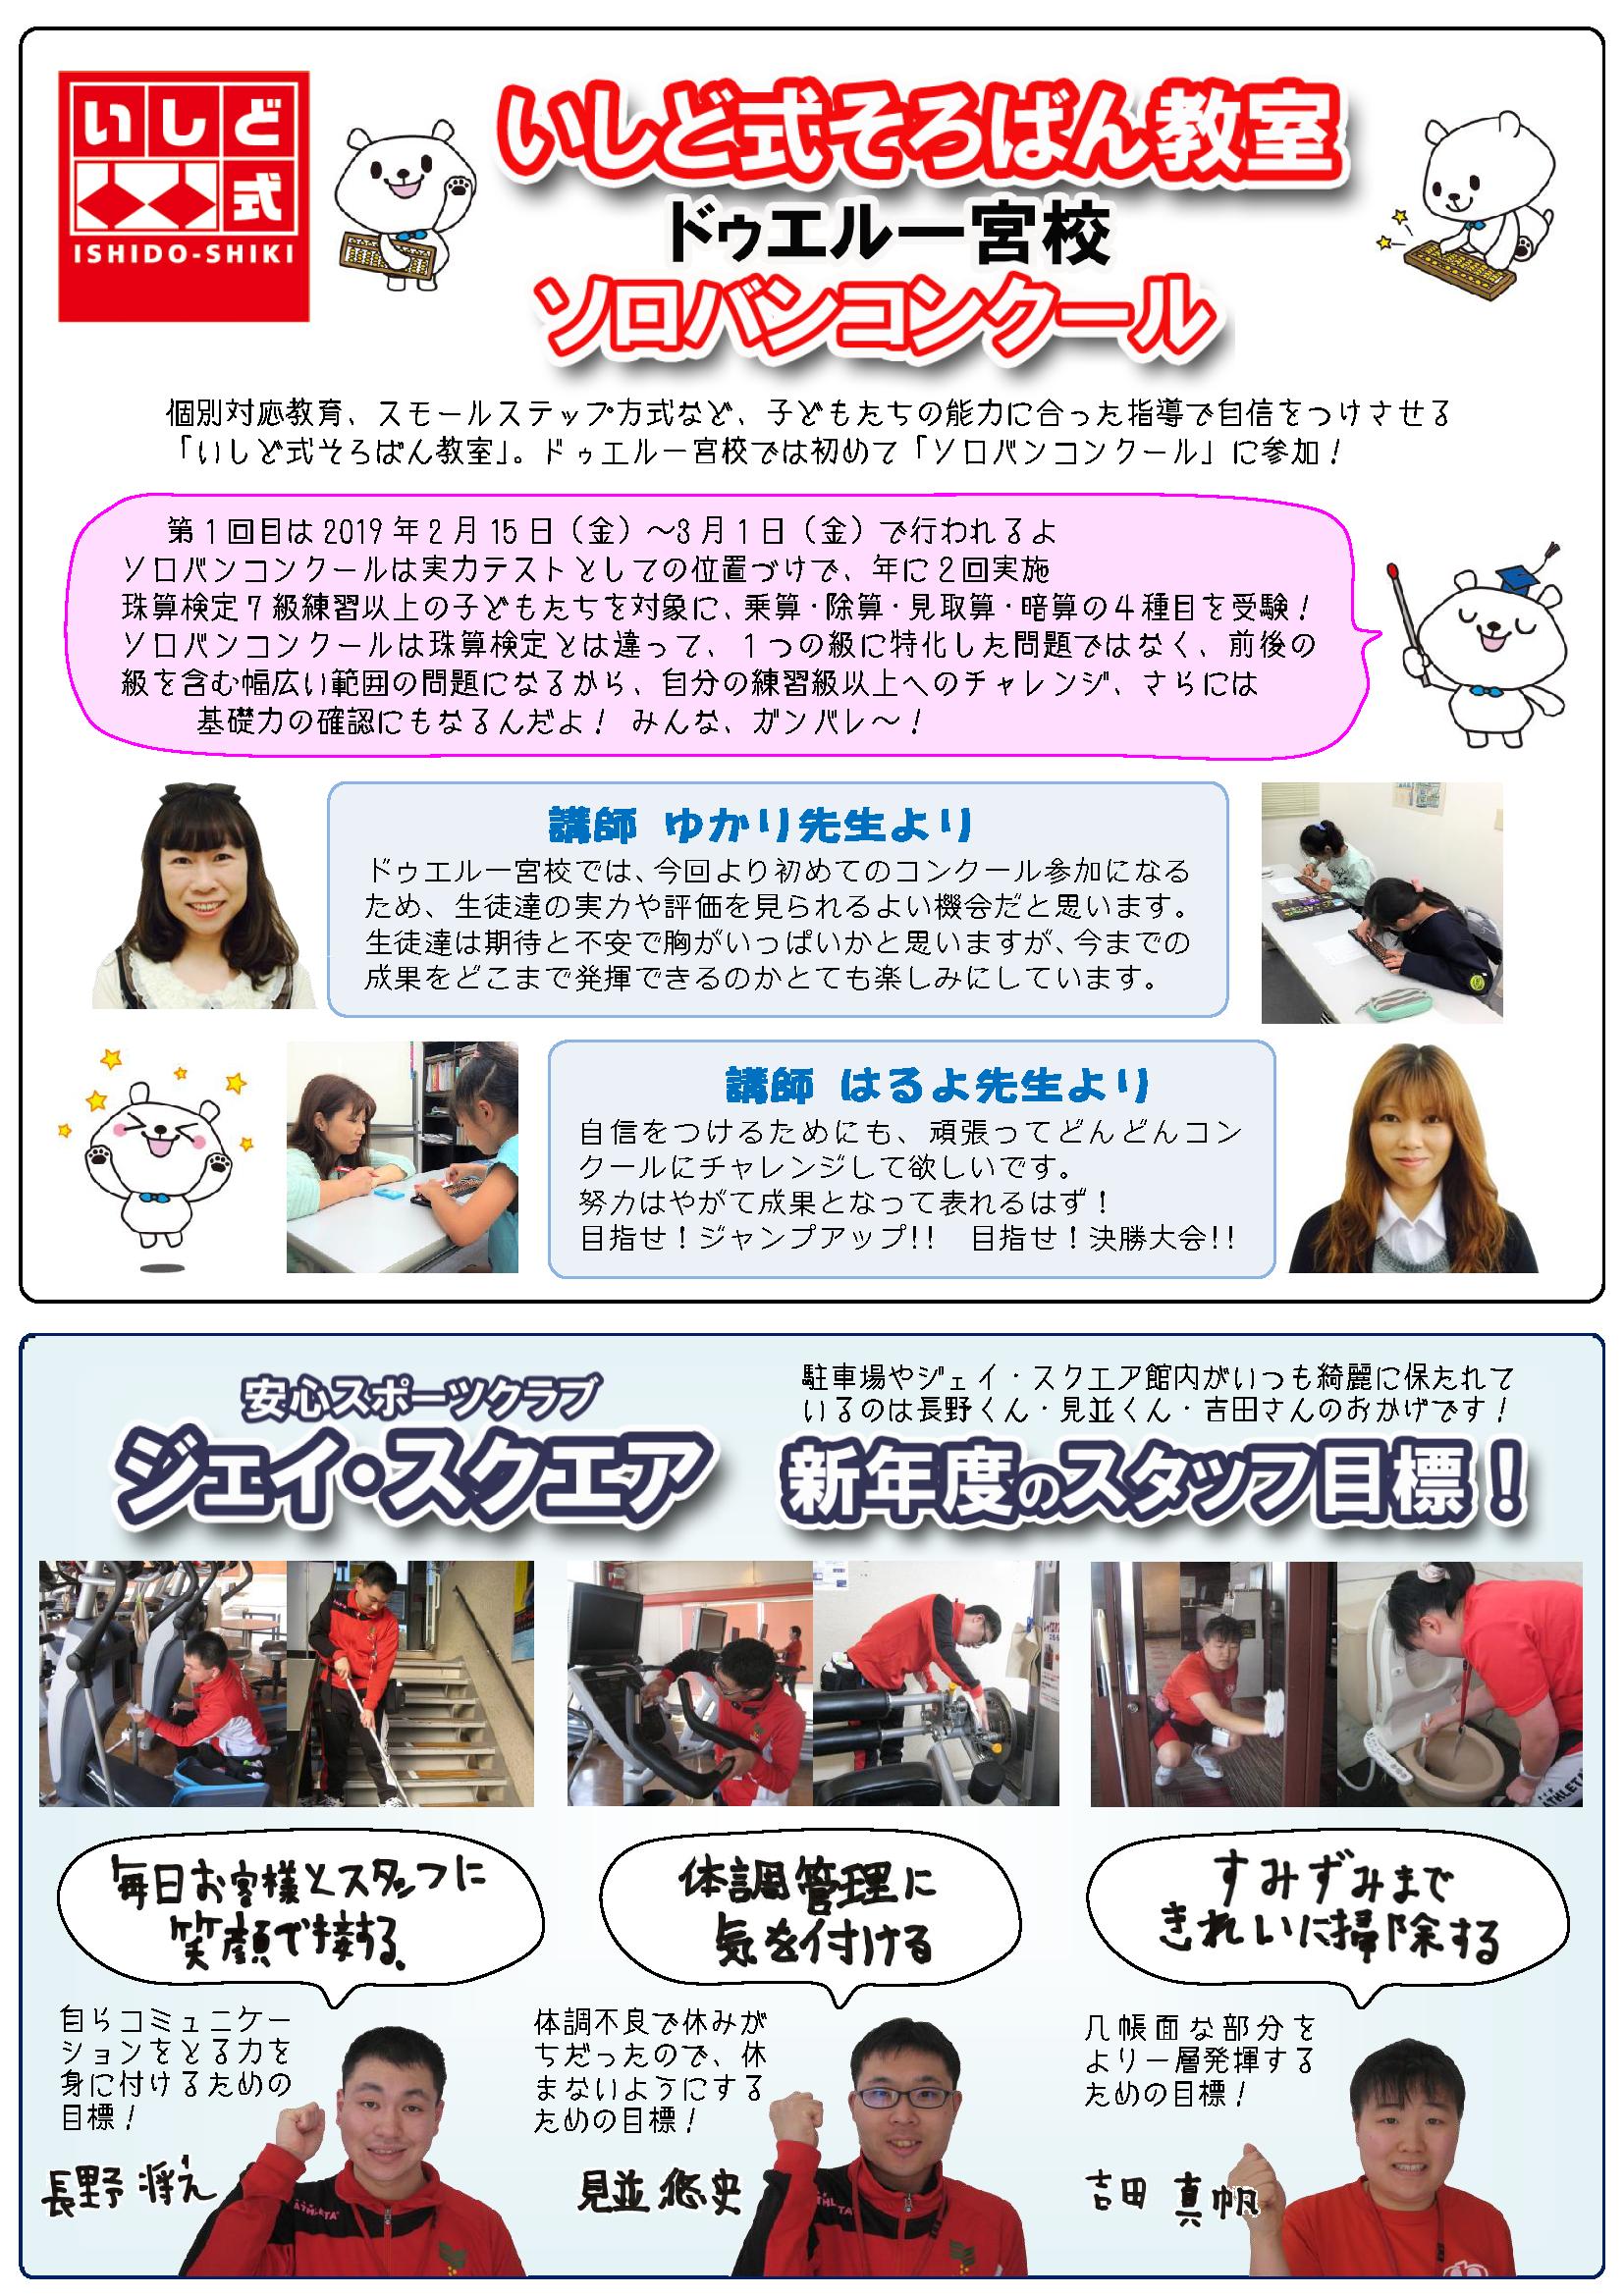 ドルフィン広報誌3月号校了_ページ_5